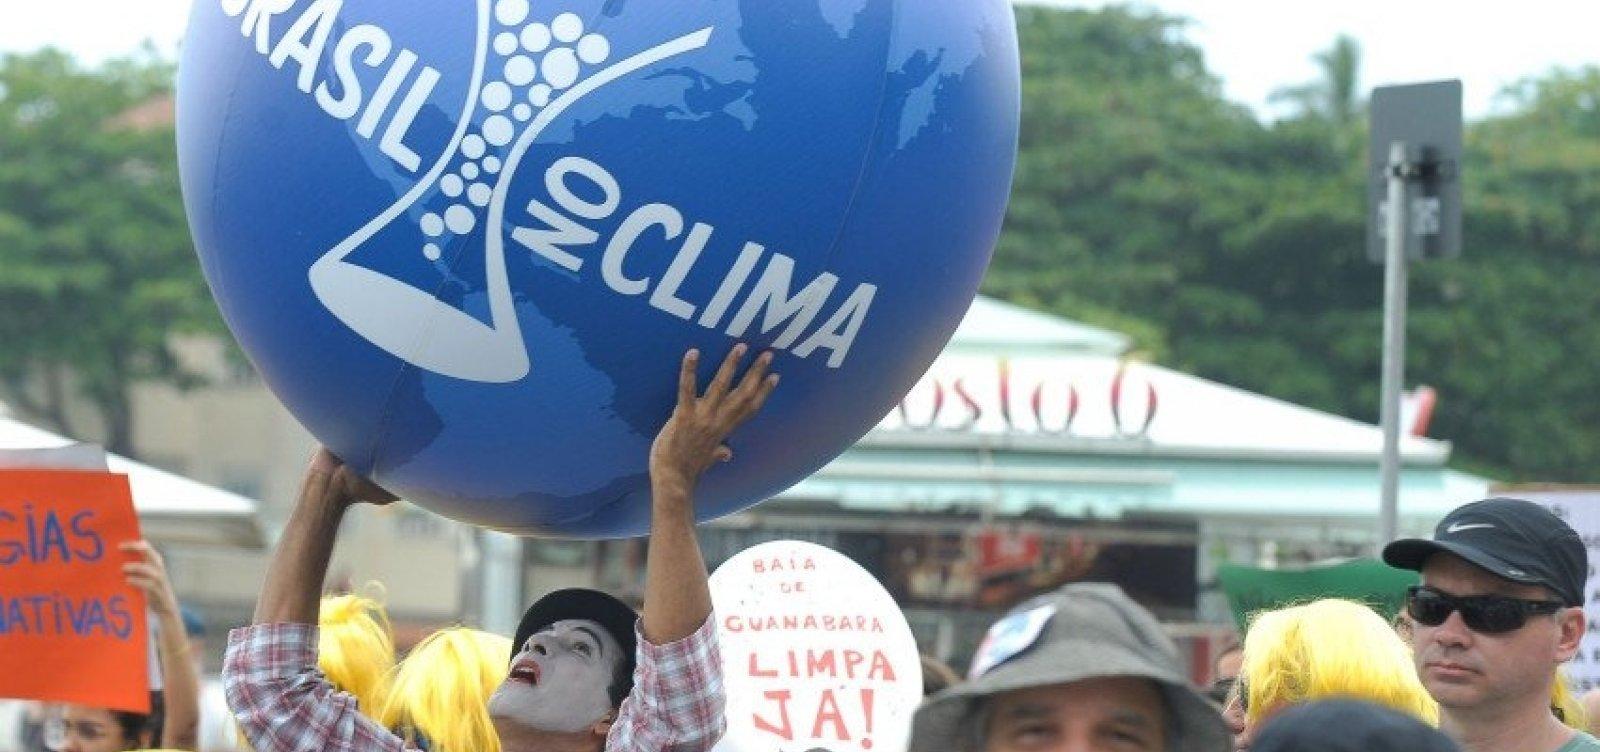 [Brasil recua e decide não sediar Conferência do Clima da ONU em 2019]